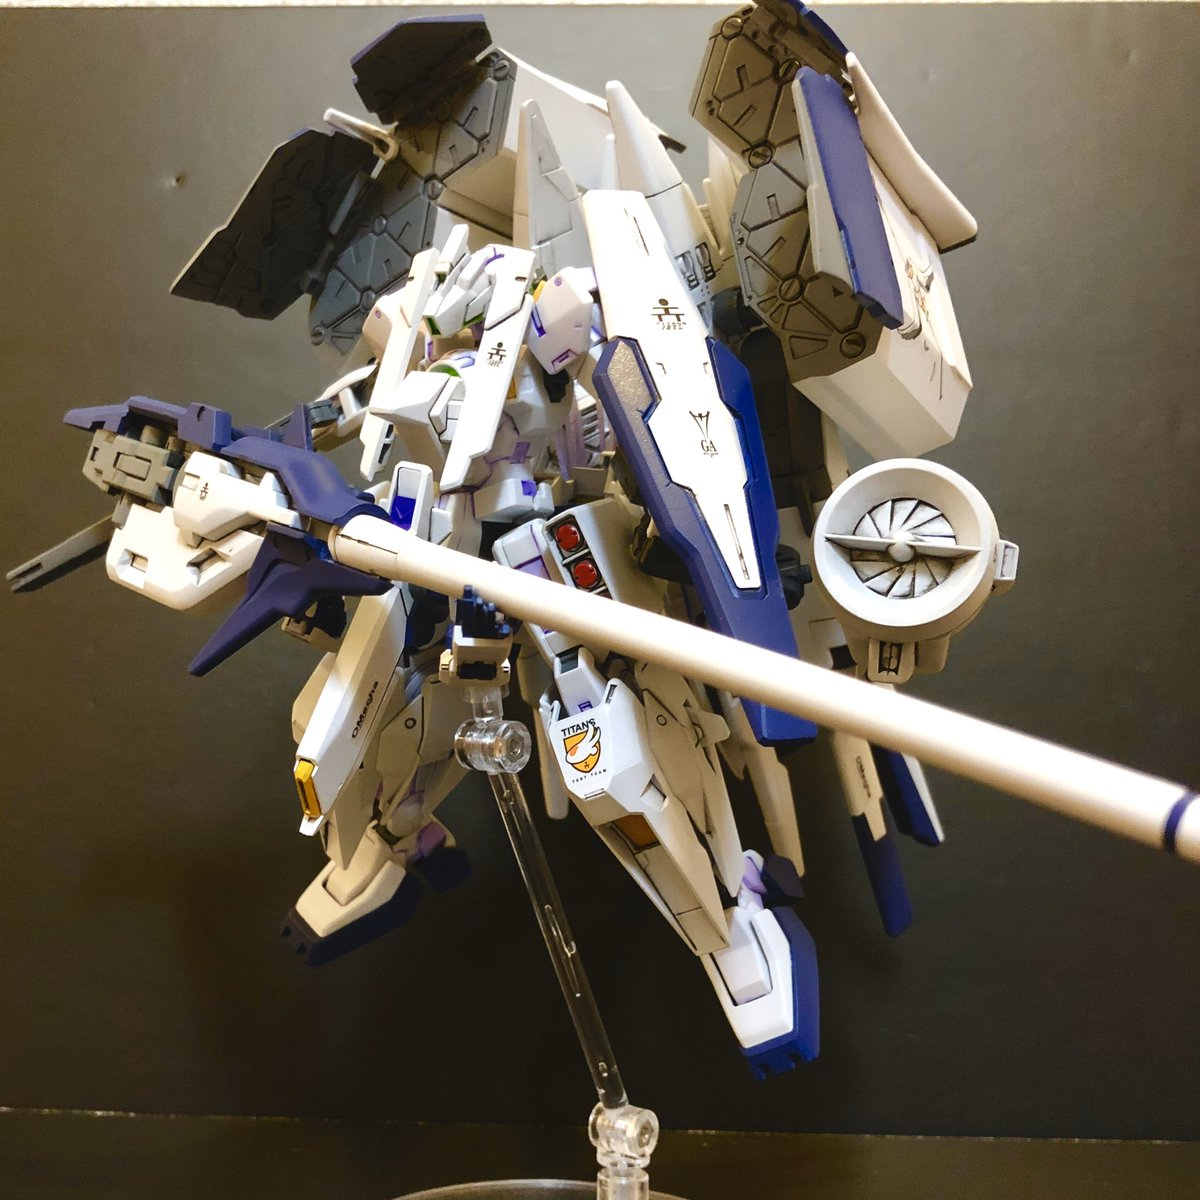 test ツイッターメディア - #あなたのミキシングガンプラを俺に見せてくれ  キュリオス リペアⅤ ナドレ GNヘイズル ウイングガンダム00(ダブルゼロ) 超遠距離射撃特化型 インパルス https://t.co/oRBwdVsp4a